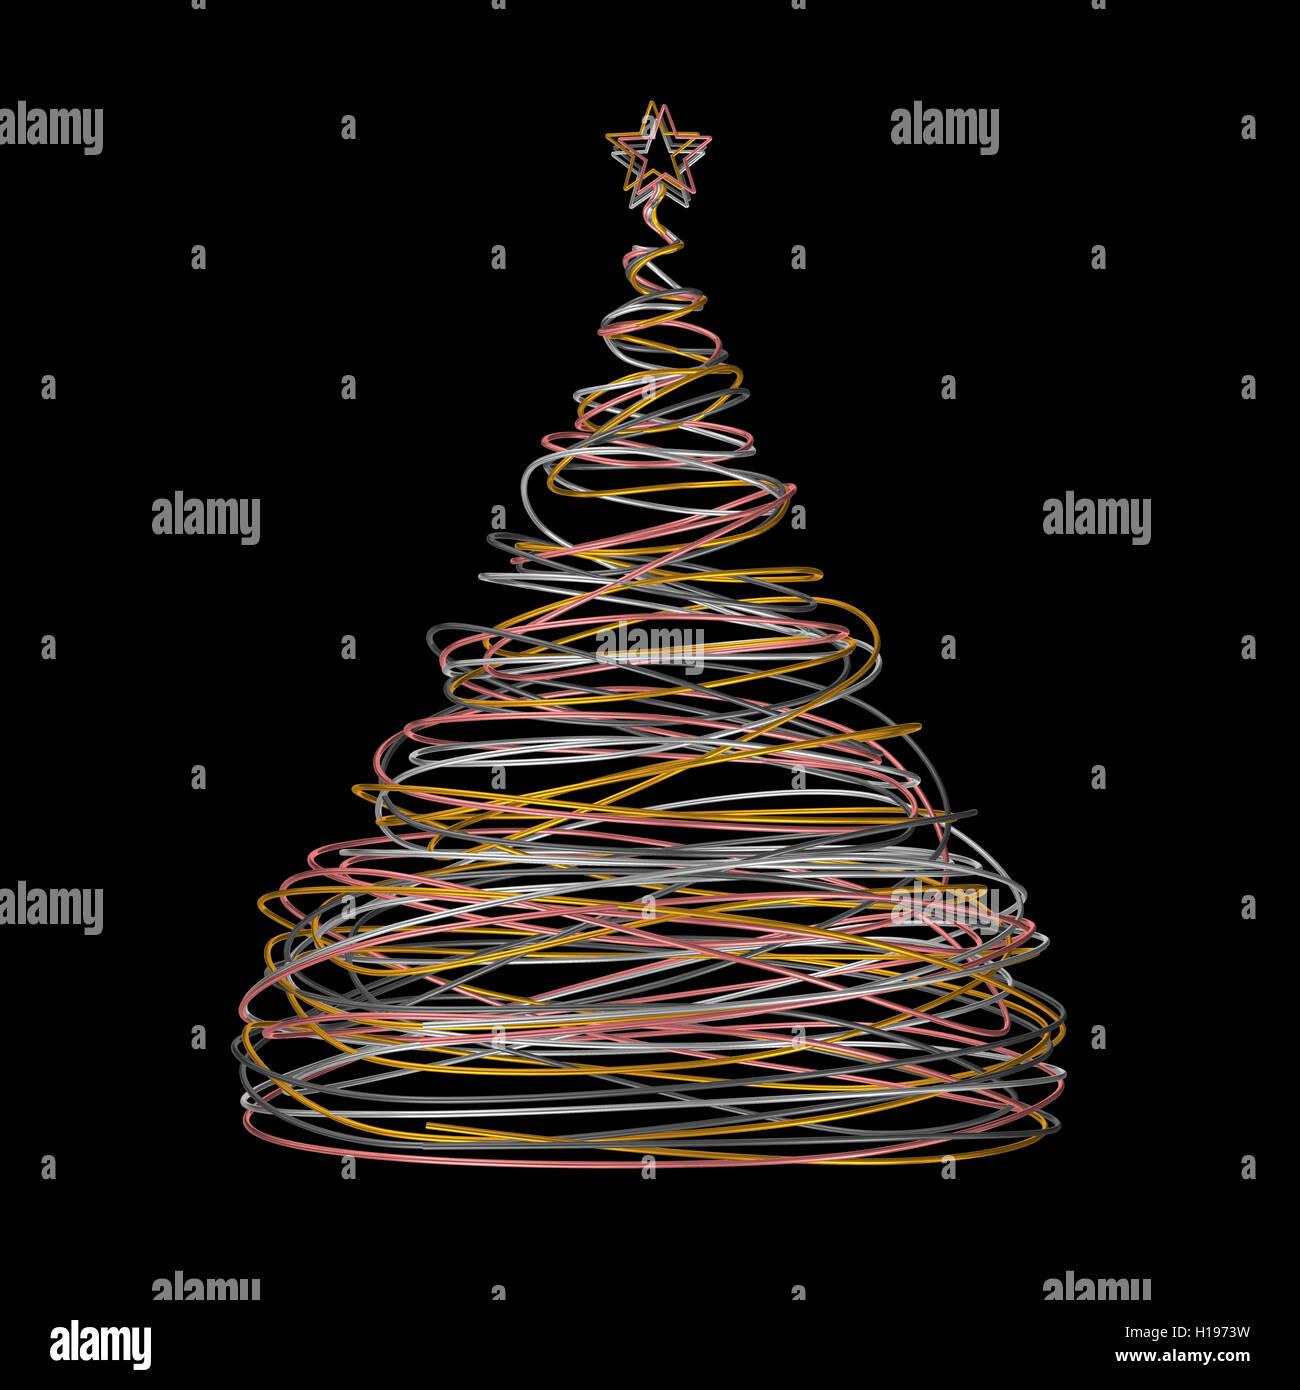 Weihnachtsbaum Draht weihnachtsbaum aus gold, weiß, grau und rosa draht auf schwarzen